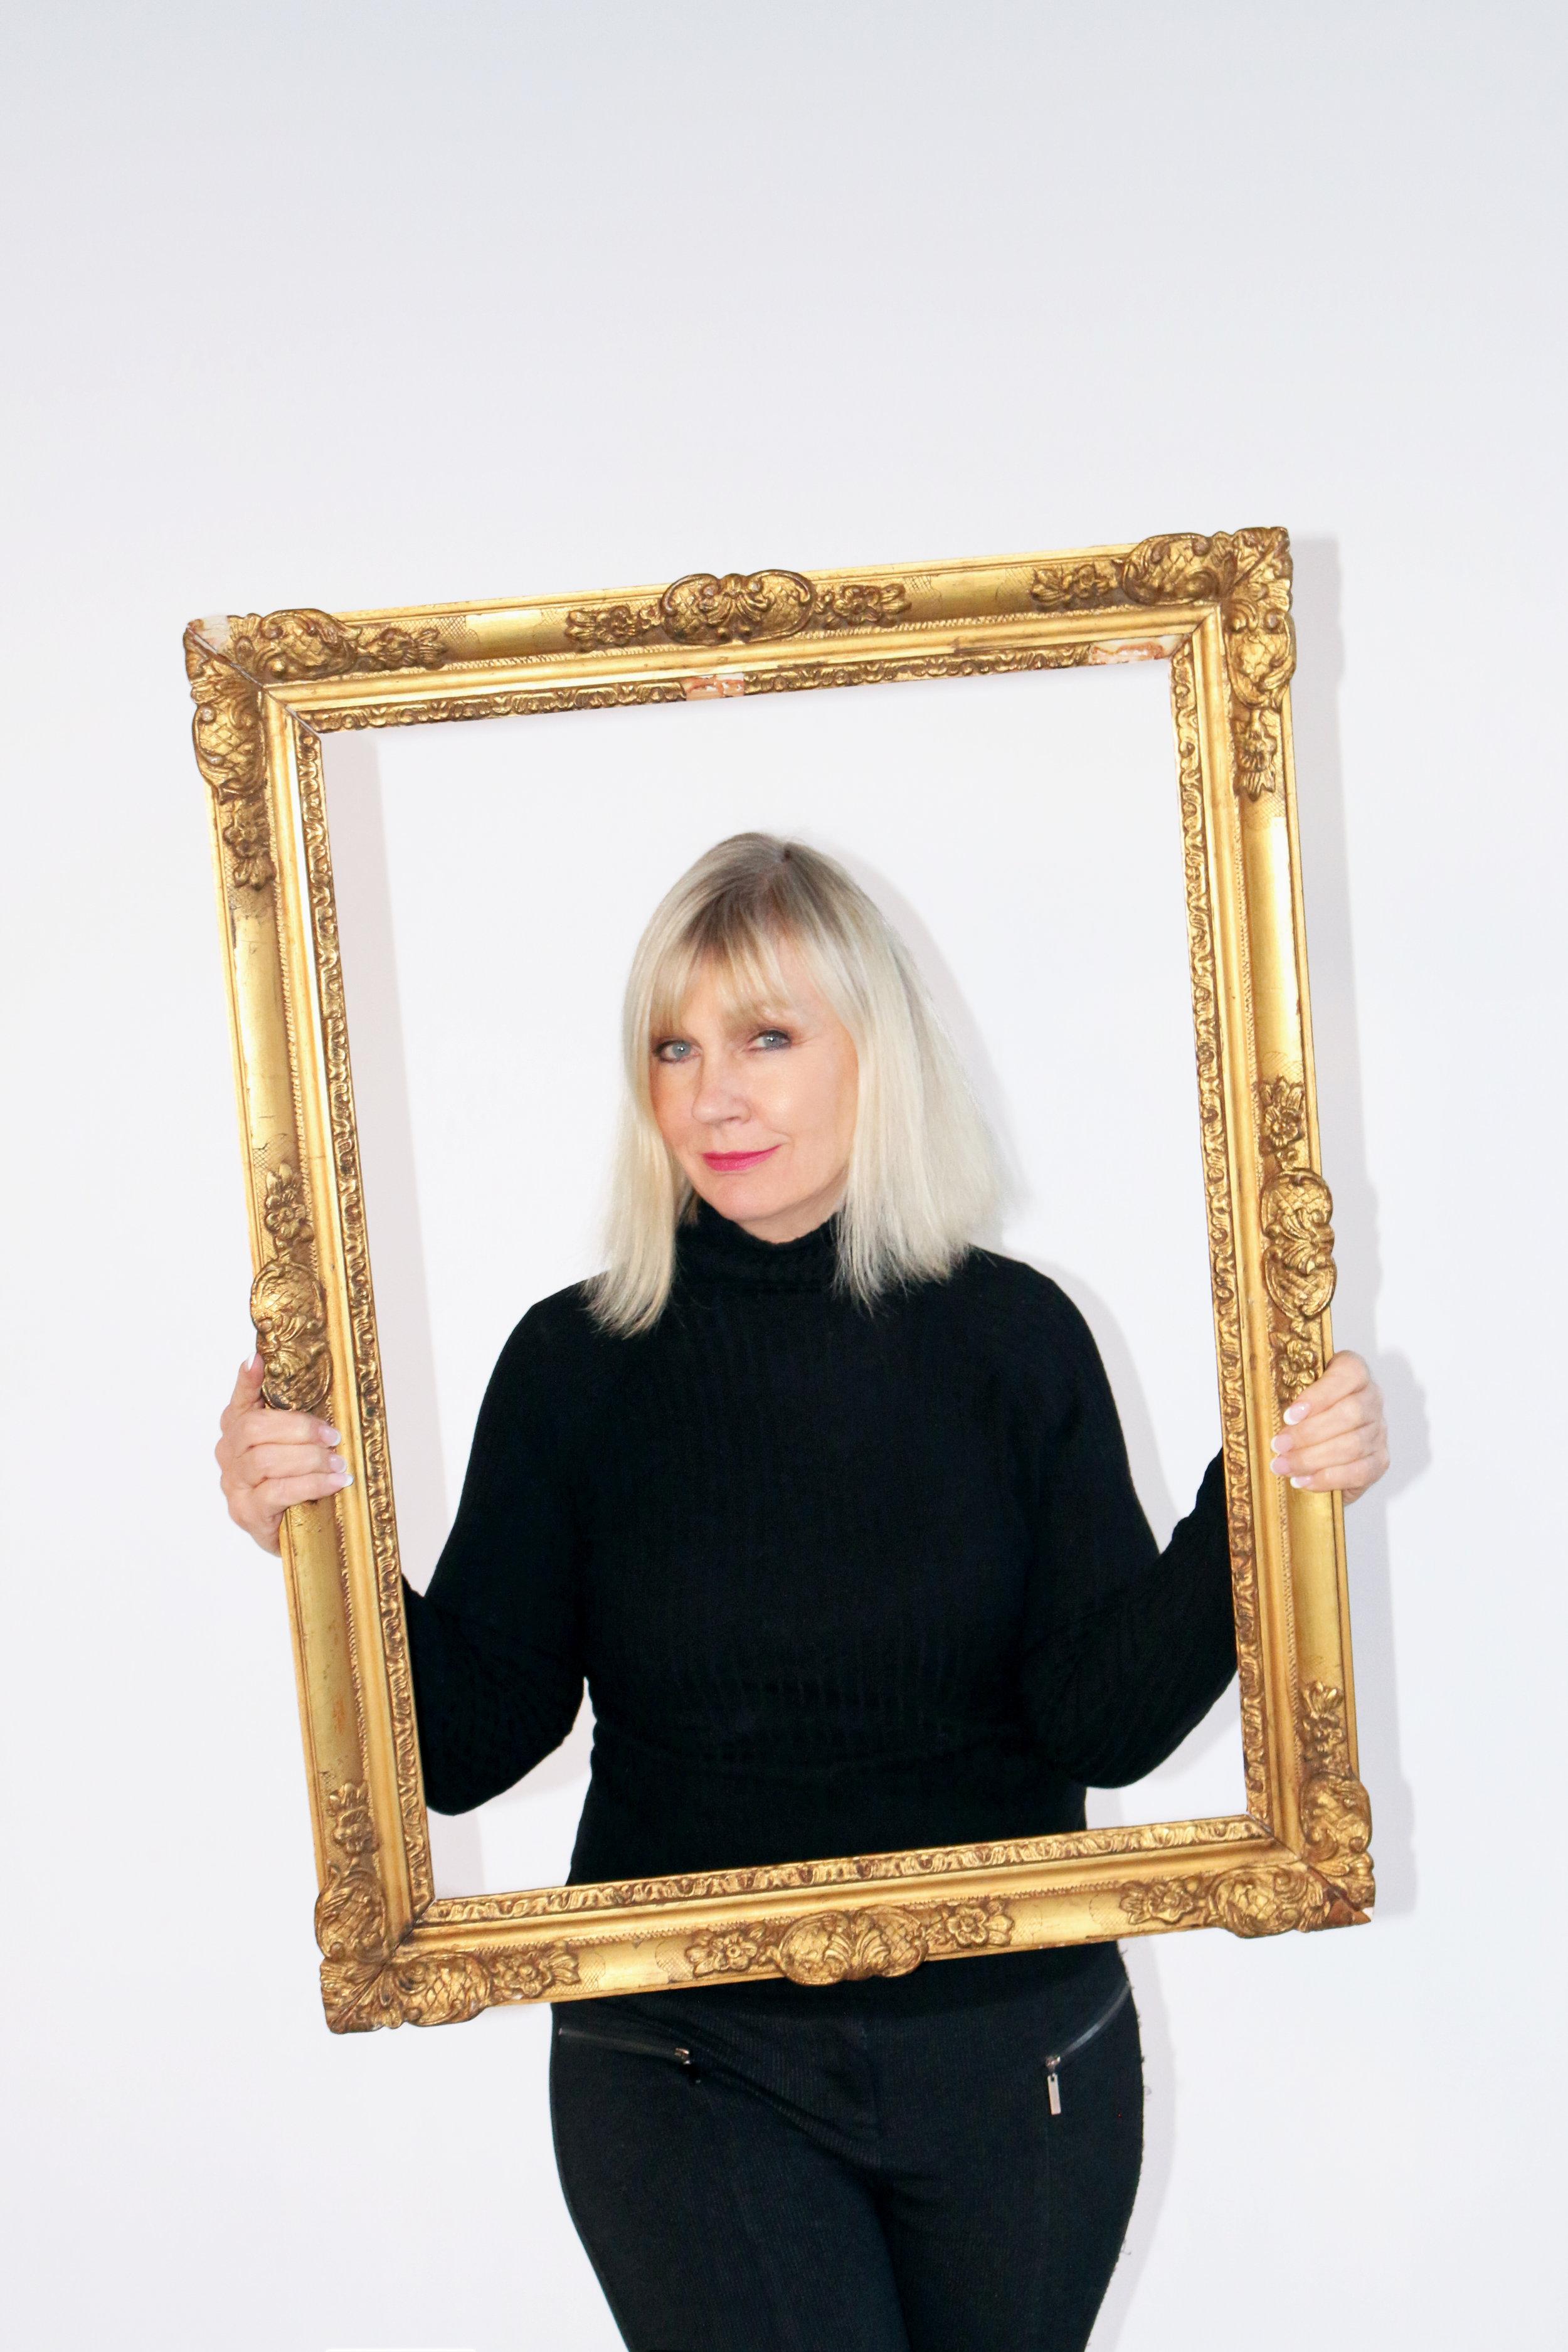 Lucille Khornak, The Portrait Specialist